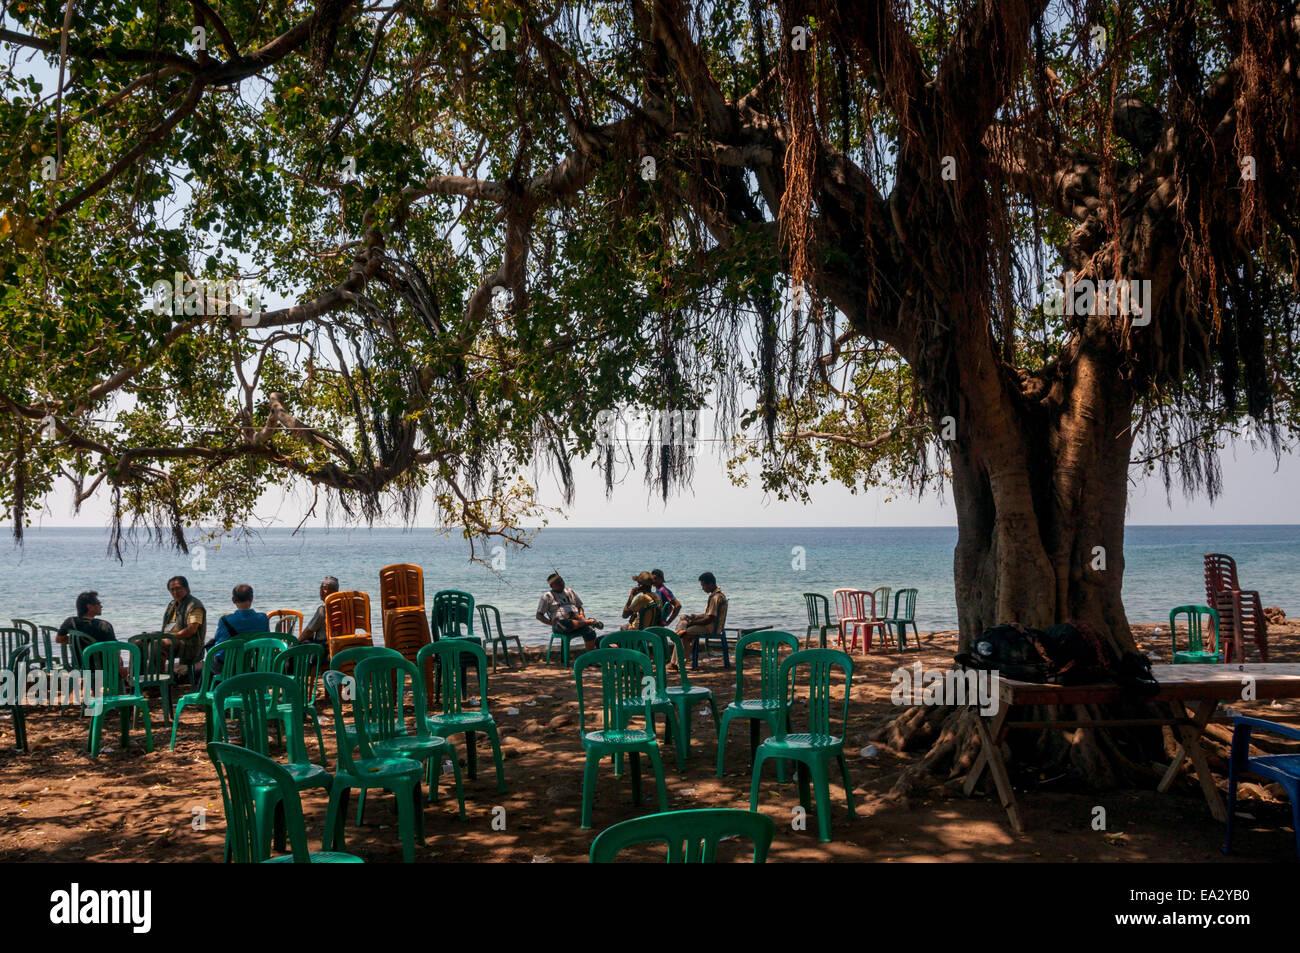 La popolazione locale godendosi il panorama del mare. Villaggio Lamagute, Lembata Isola, Indonesia. Immagini Stock